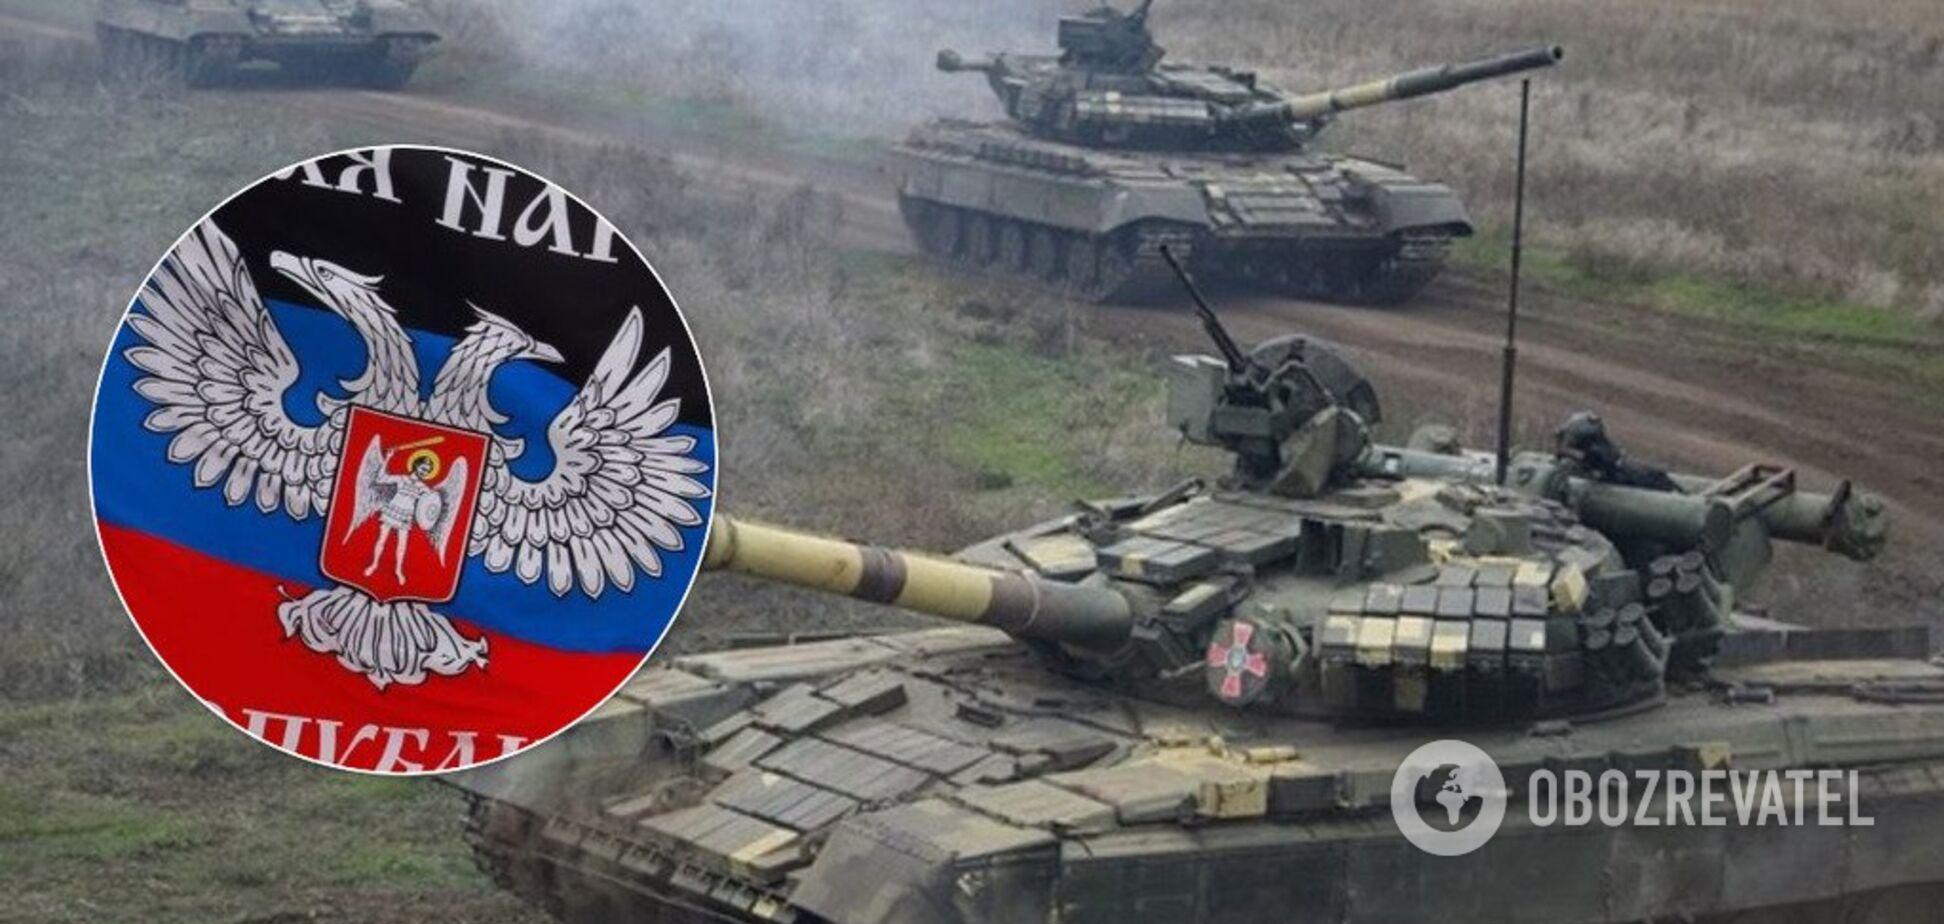 'Вибрати мале зло': генерал дав Зеленському пораду щодо війни на Донбасі